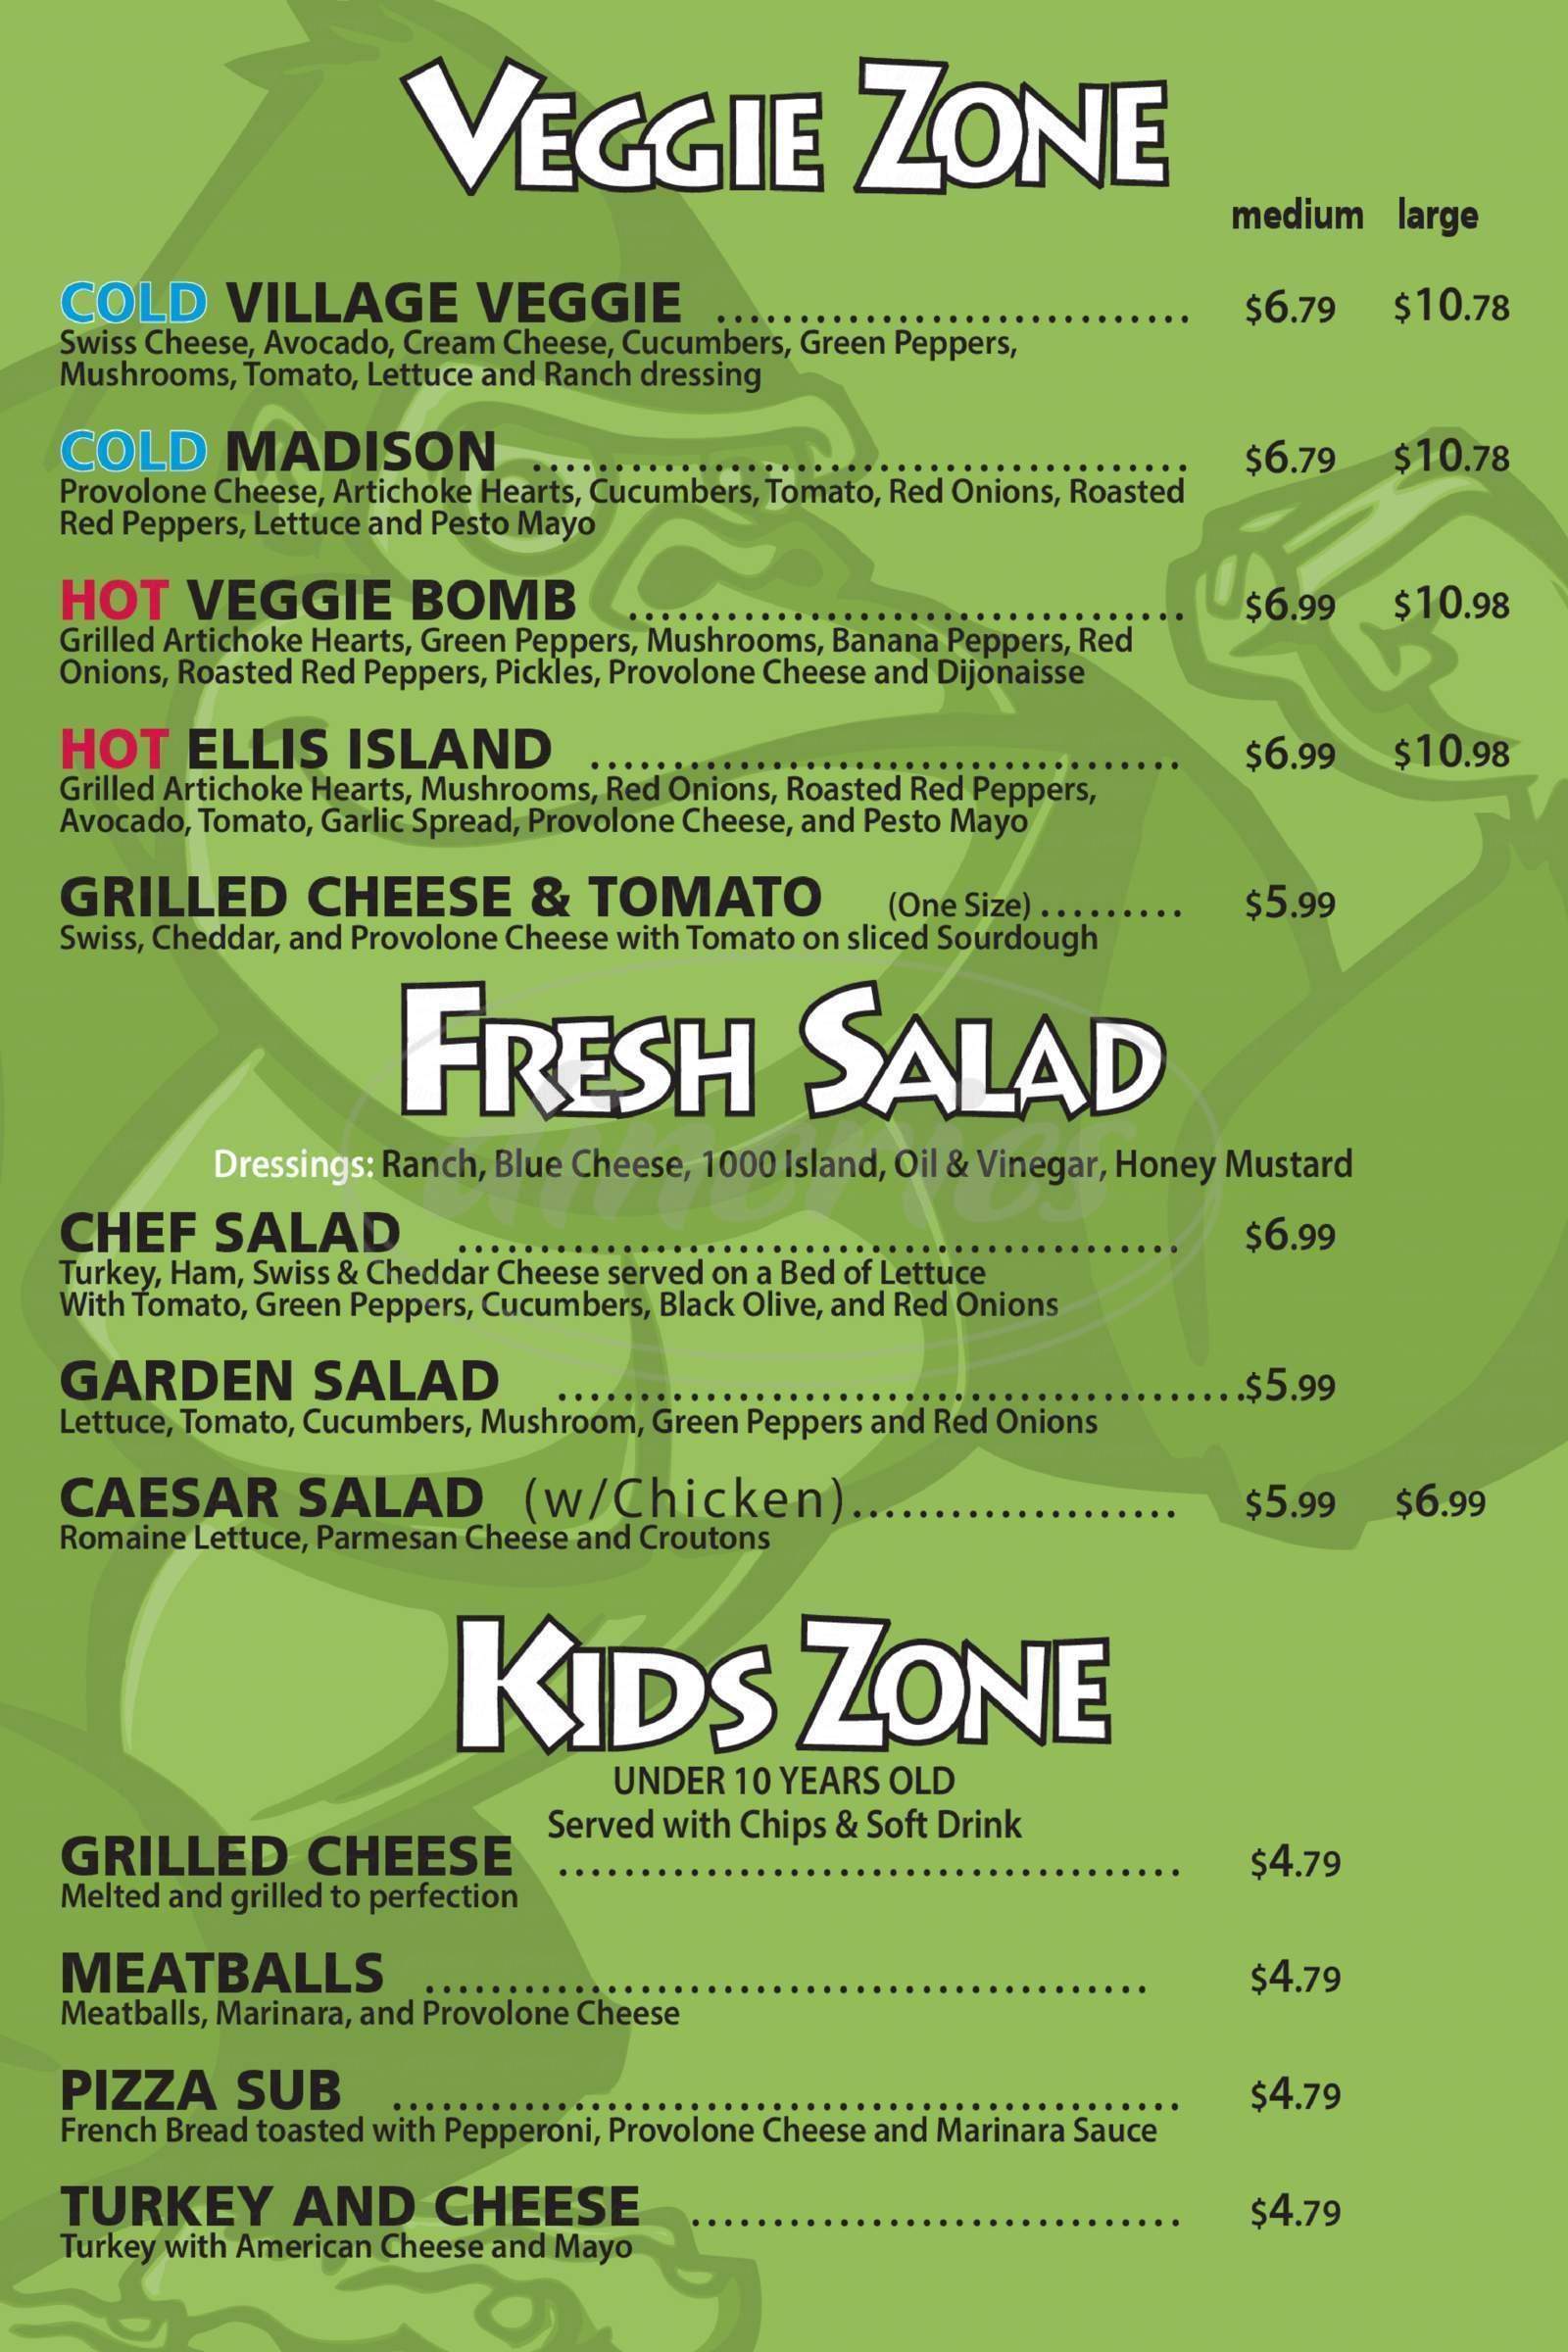 menu for Deli Zone